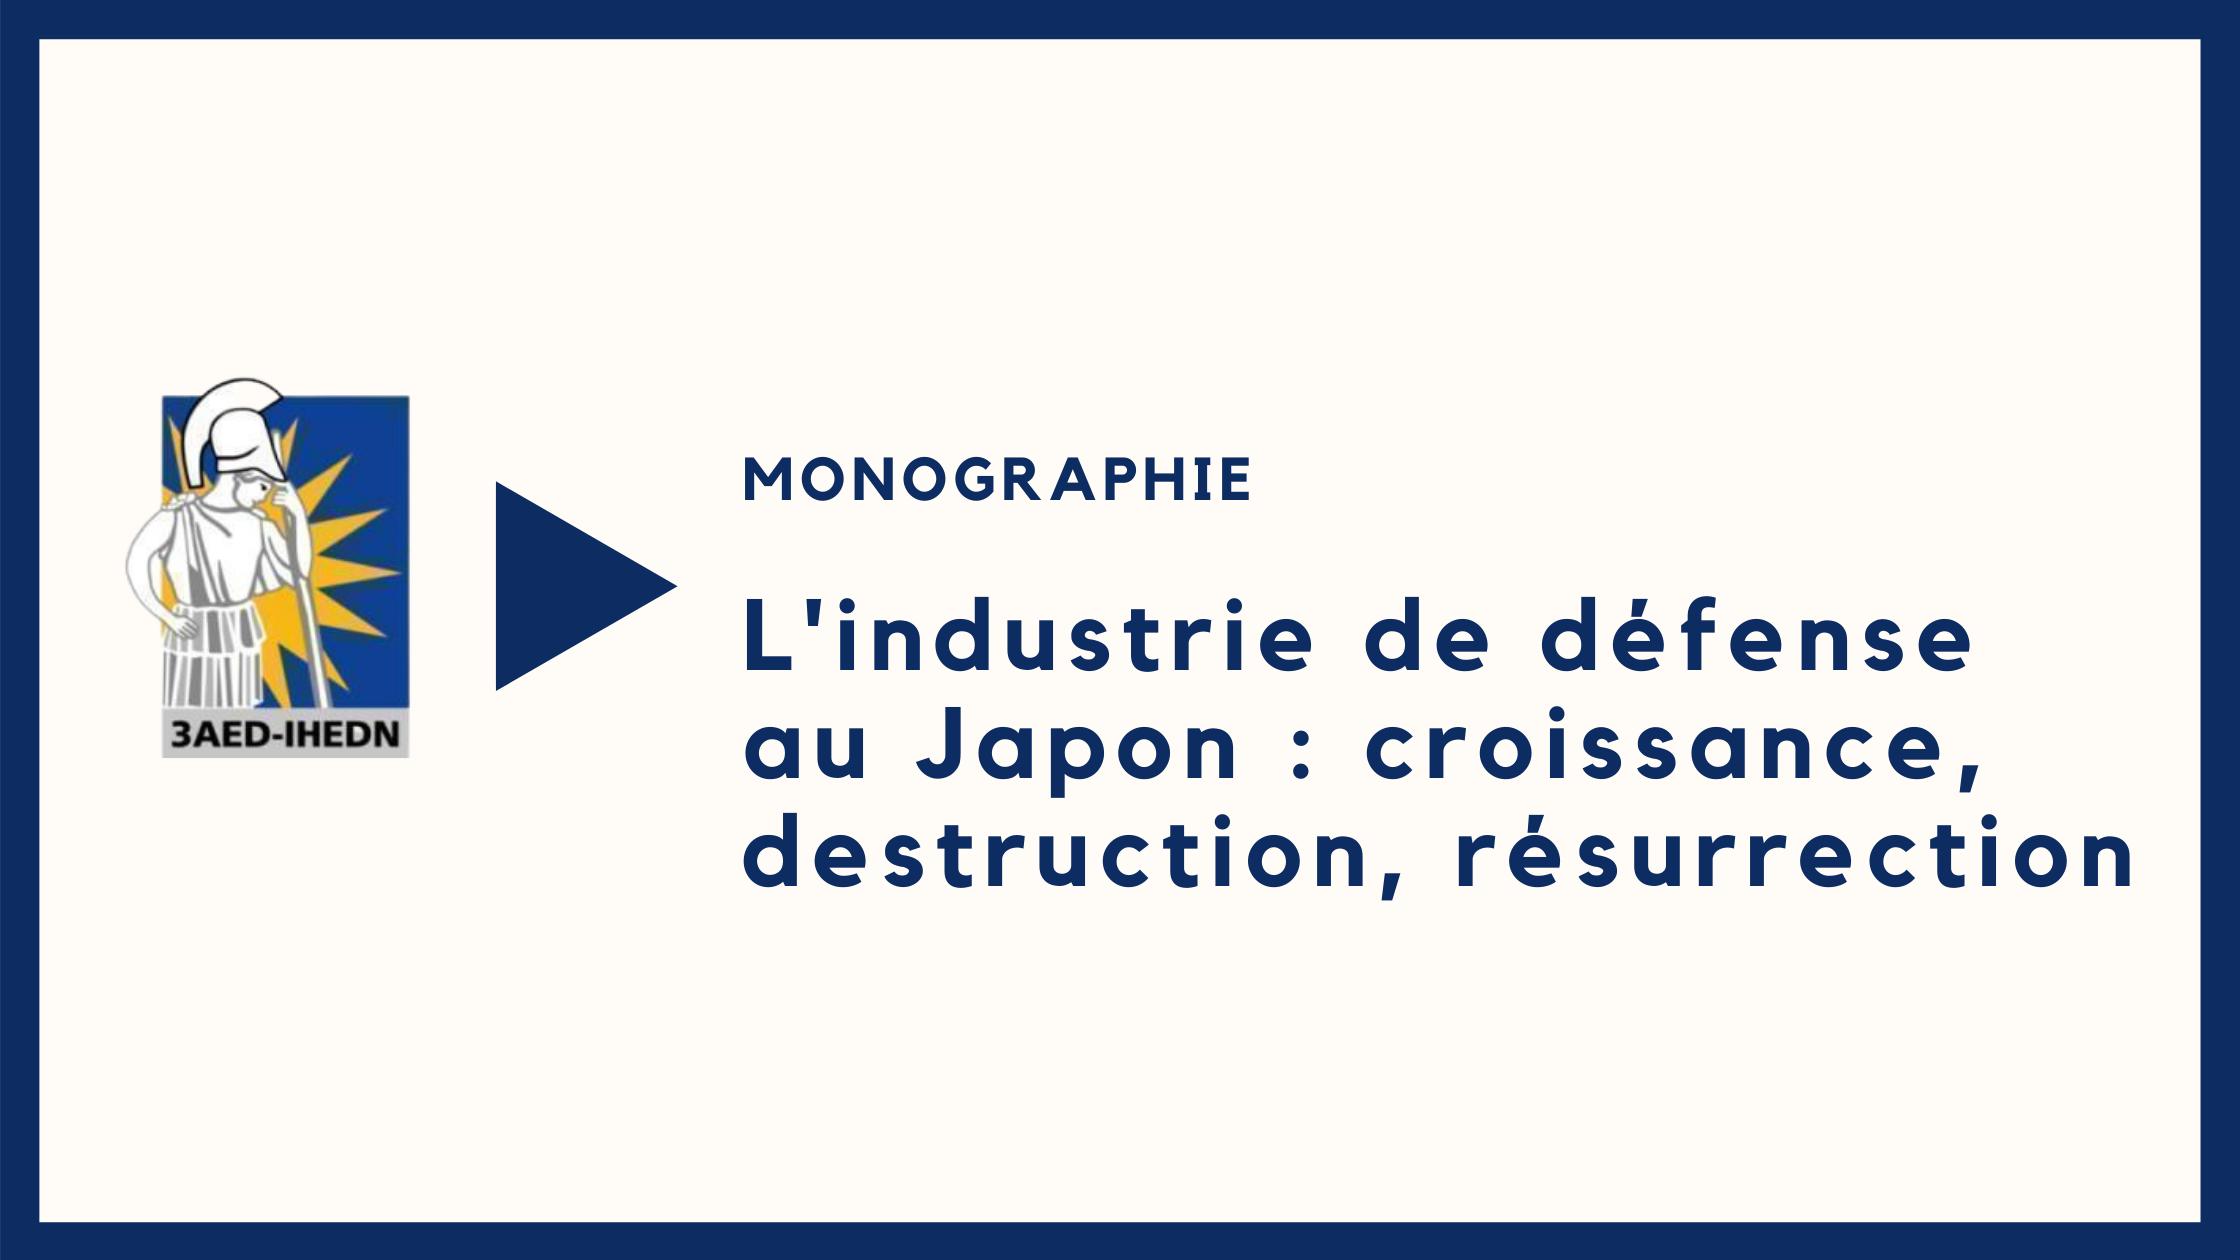 Monographie  L'industrie de défense au Japon : croissance, destruction, résurrection